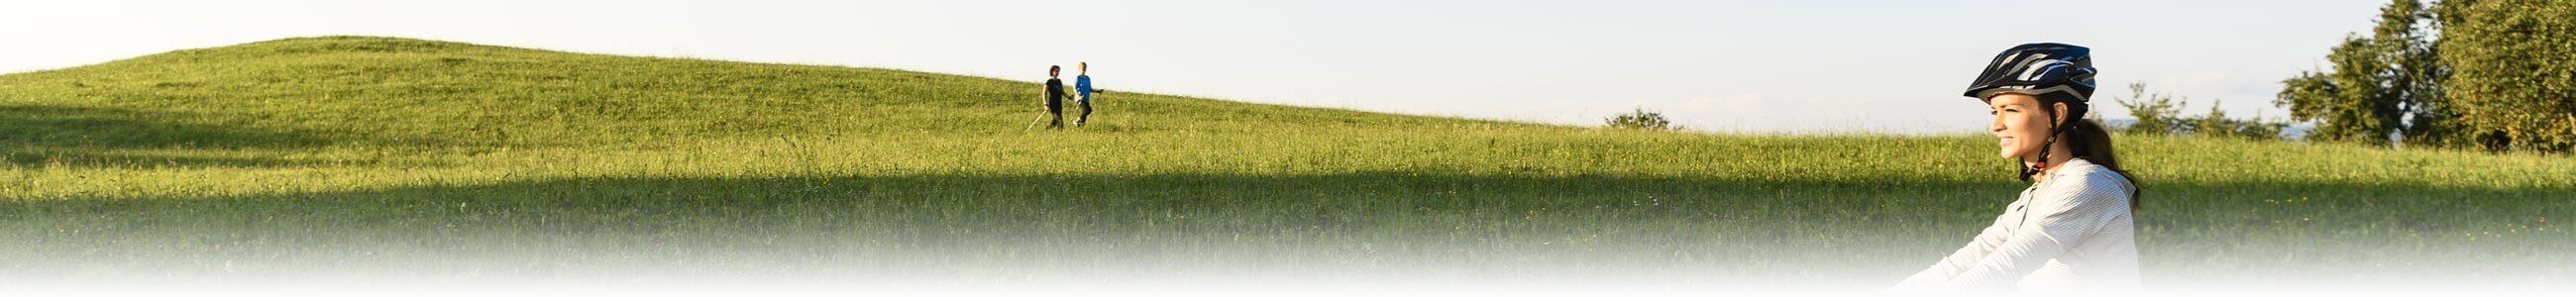 idylische Hügellandschaft mit walkenden und radfahrenden Personen